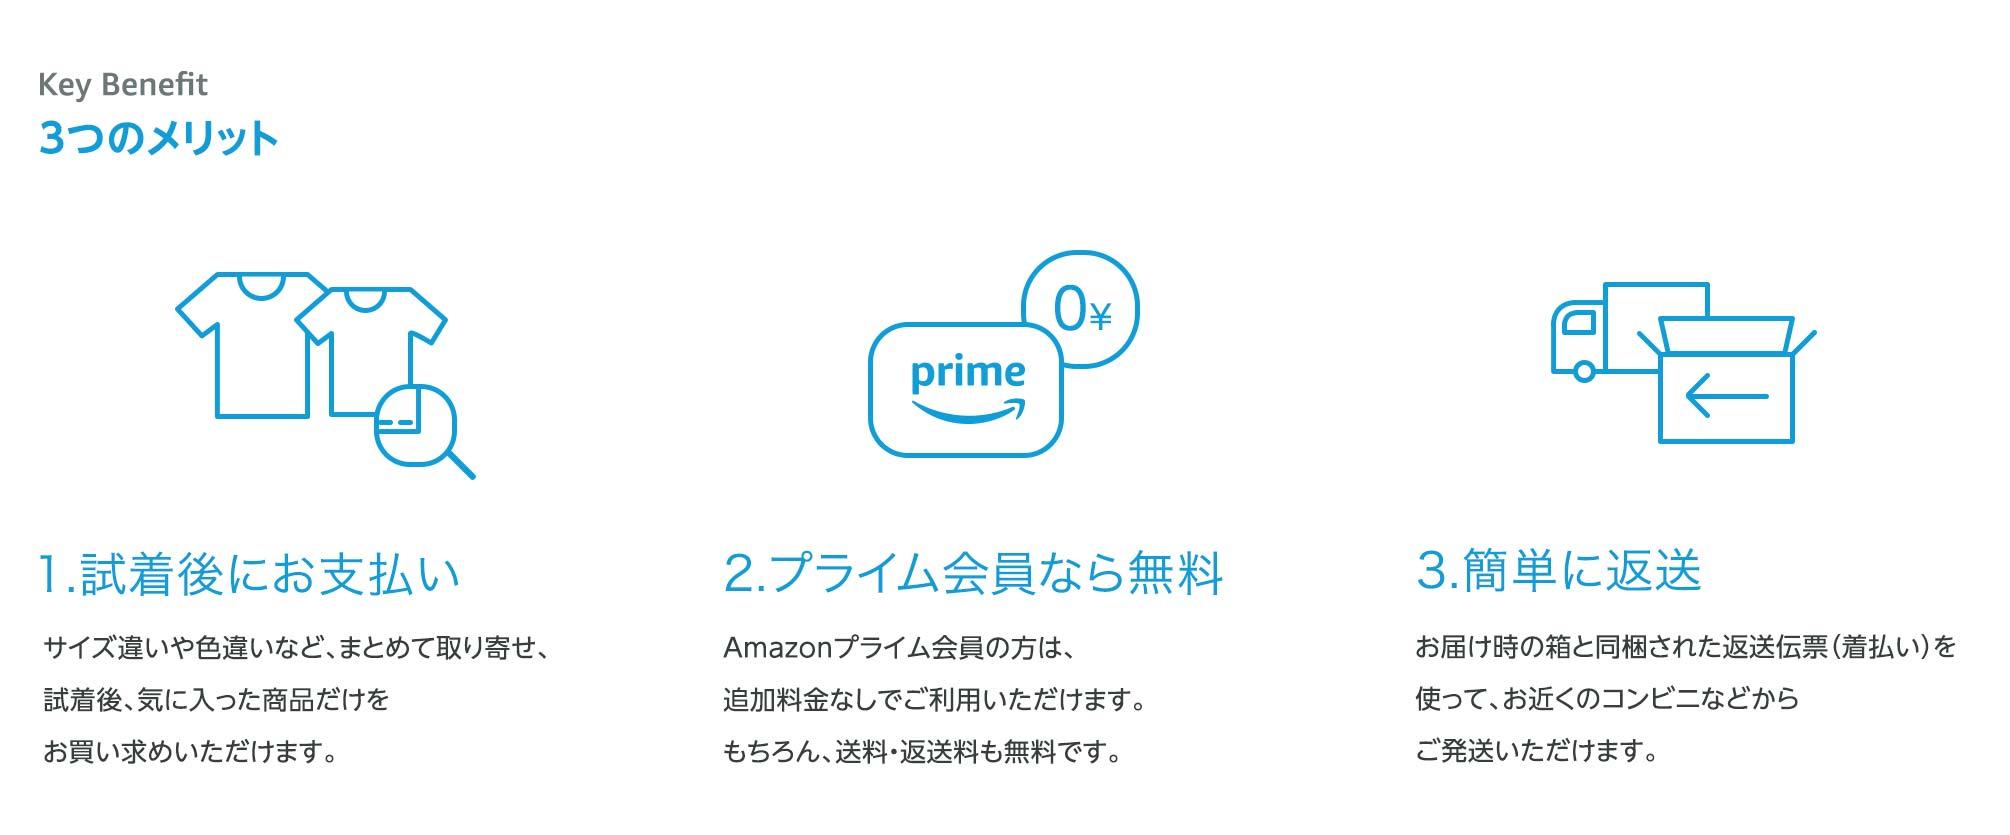 amazon-プライムワードローブ3